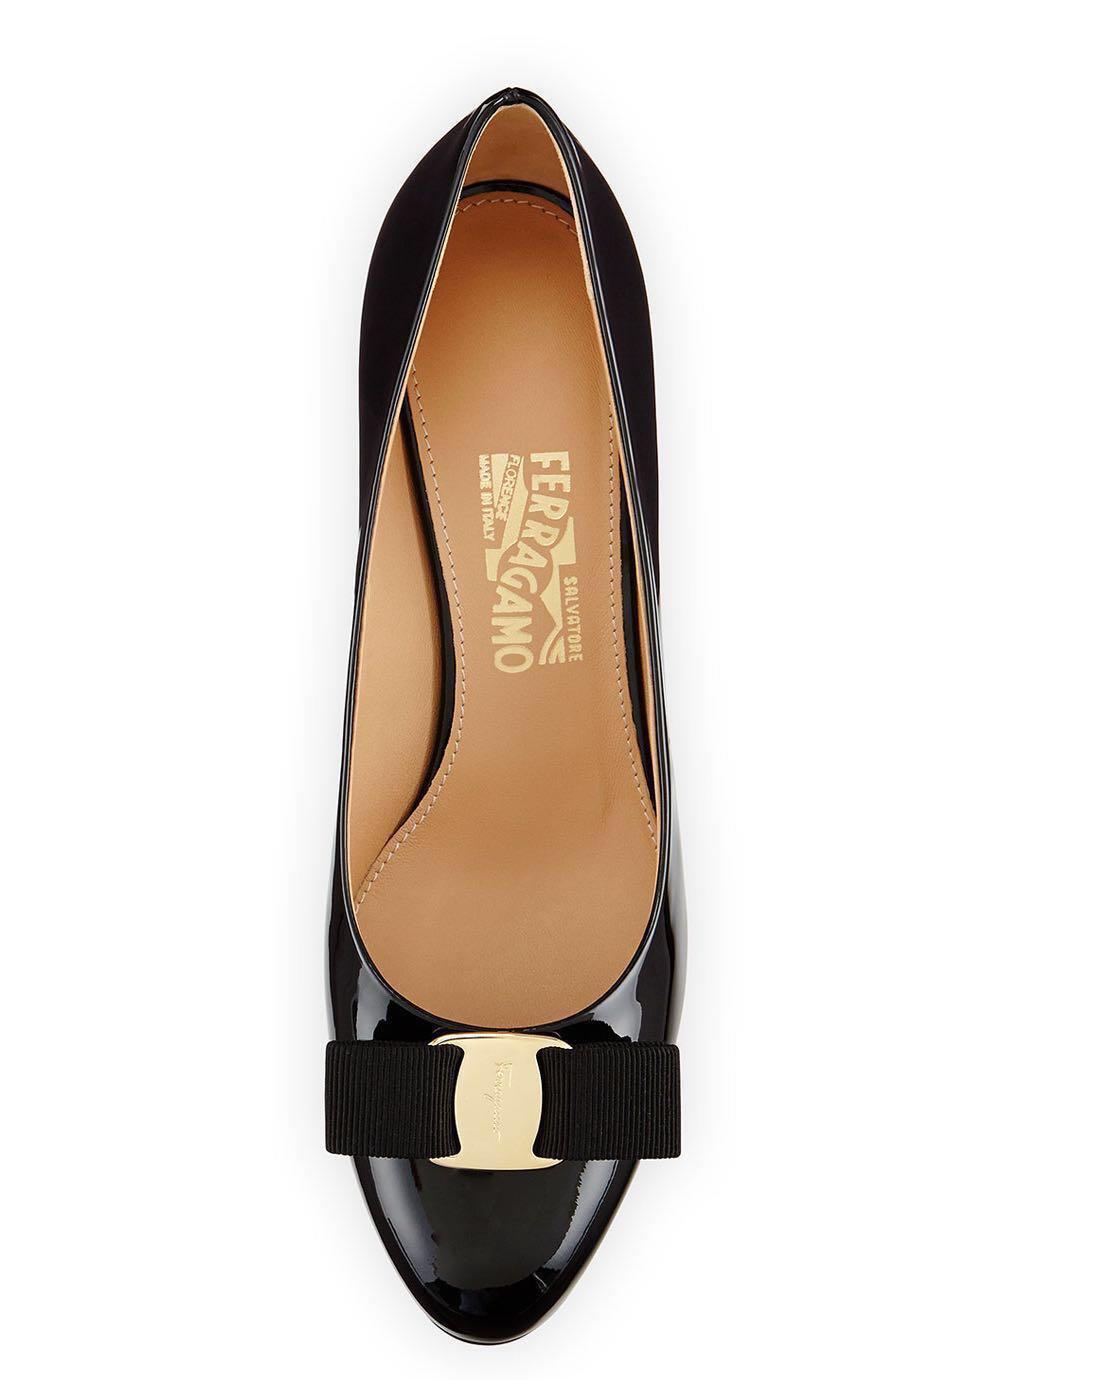 bc0d091da4c2 Authentic Salvatore Ferragamo Mirabel Black Patent Wedge Heels ...